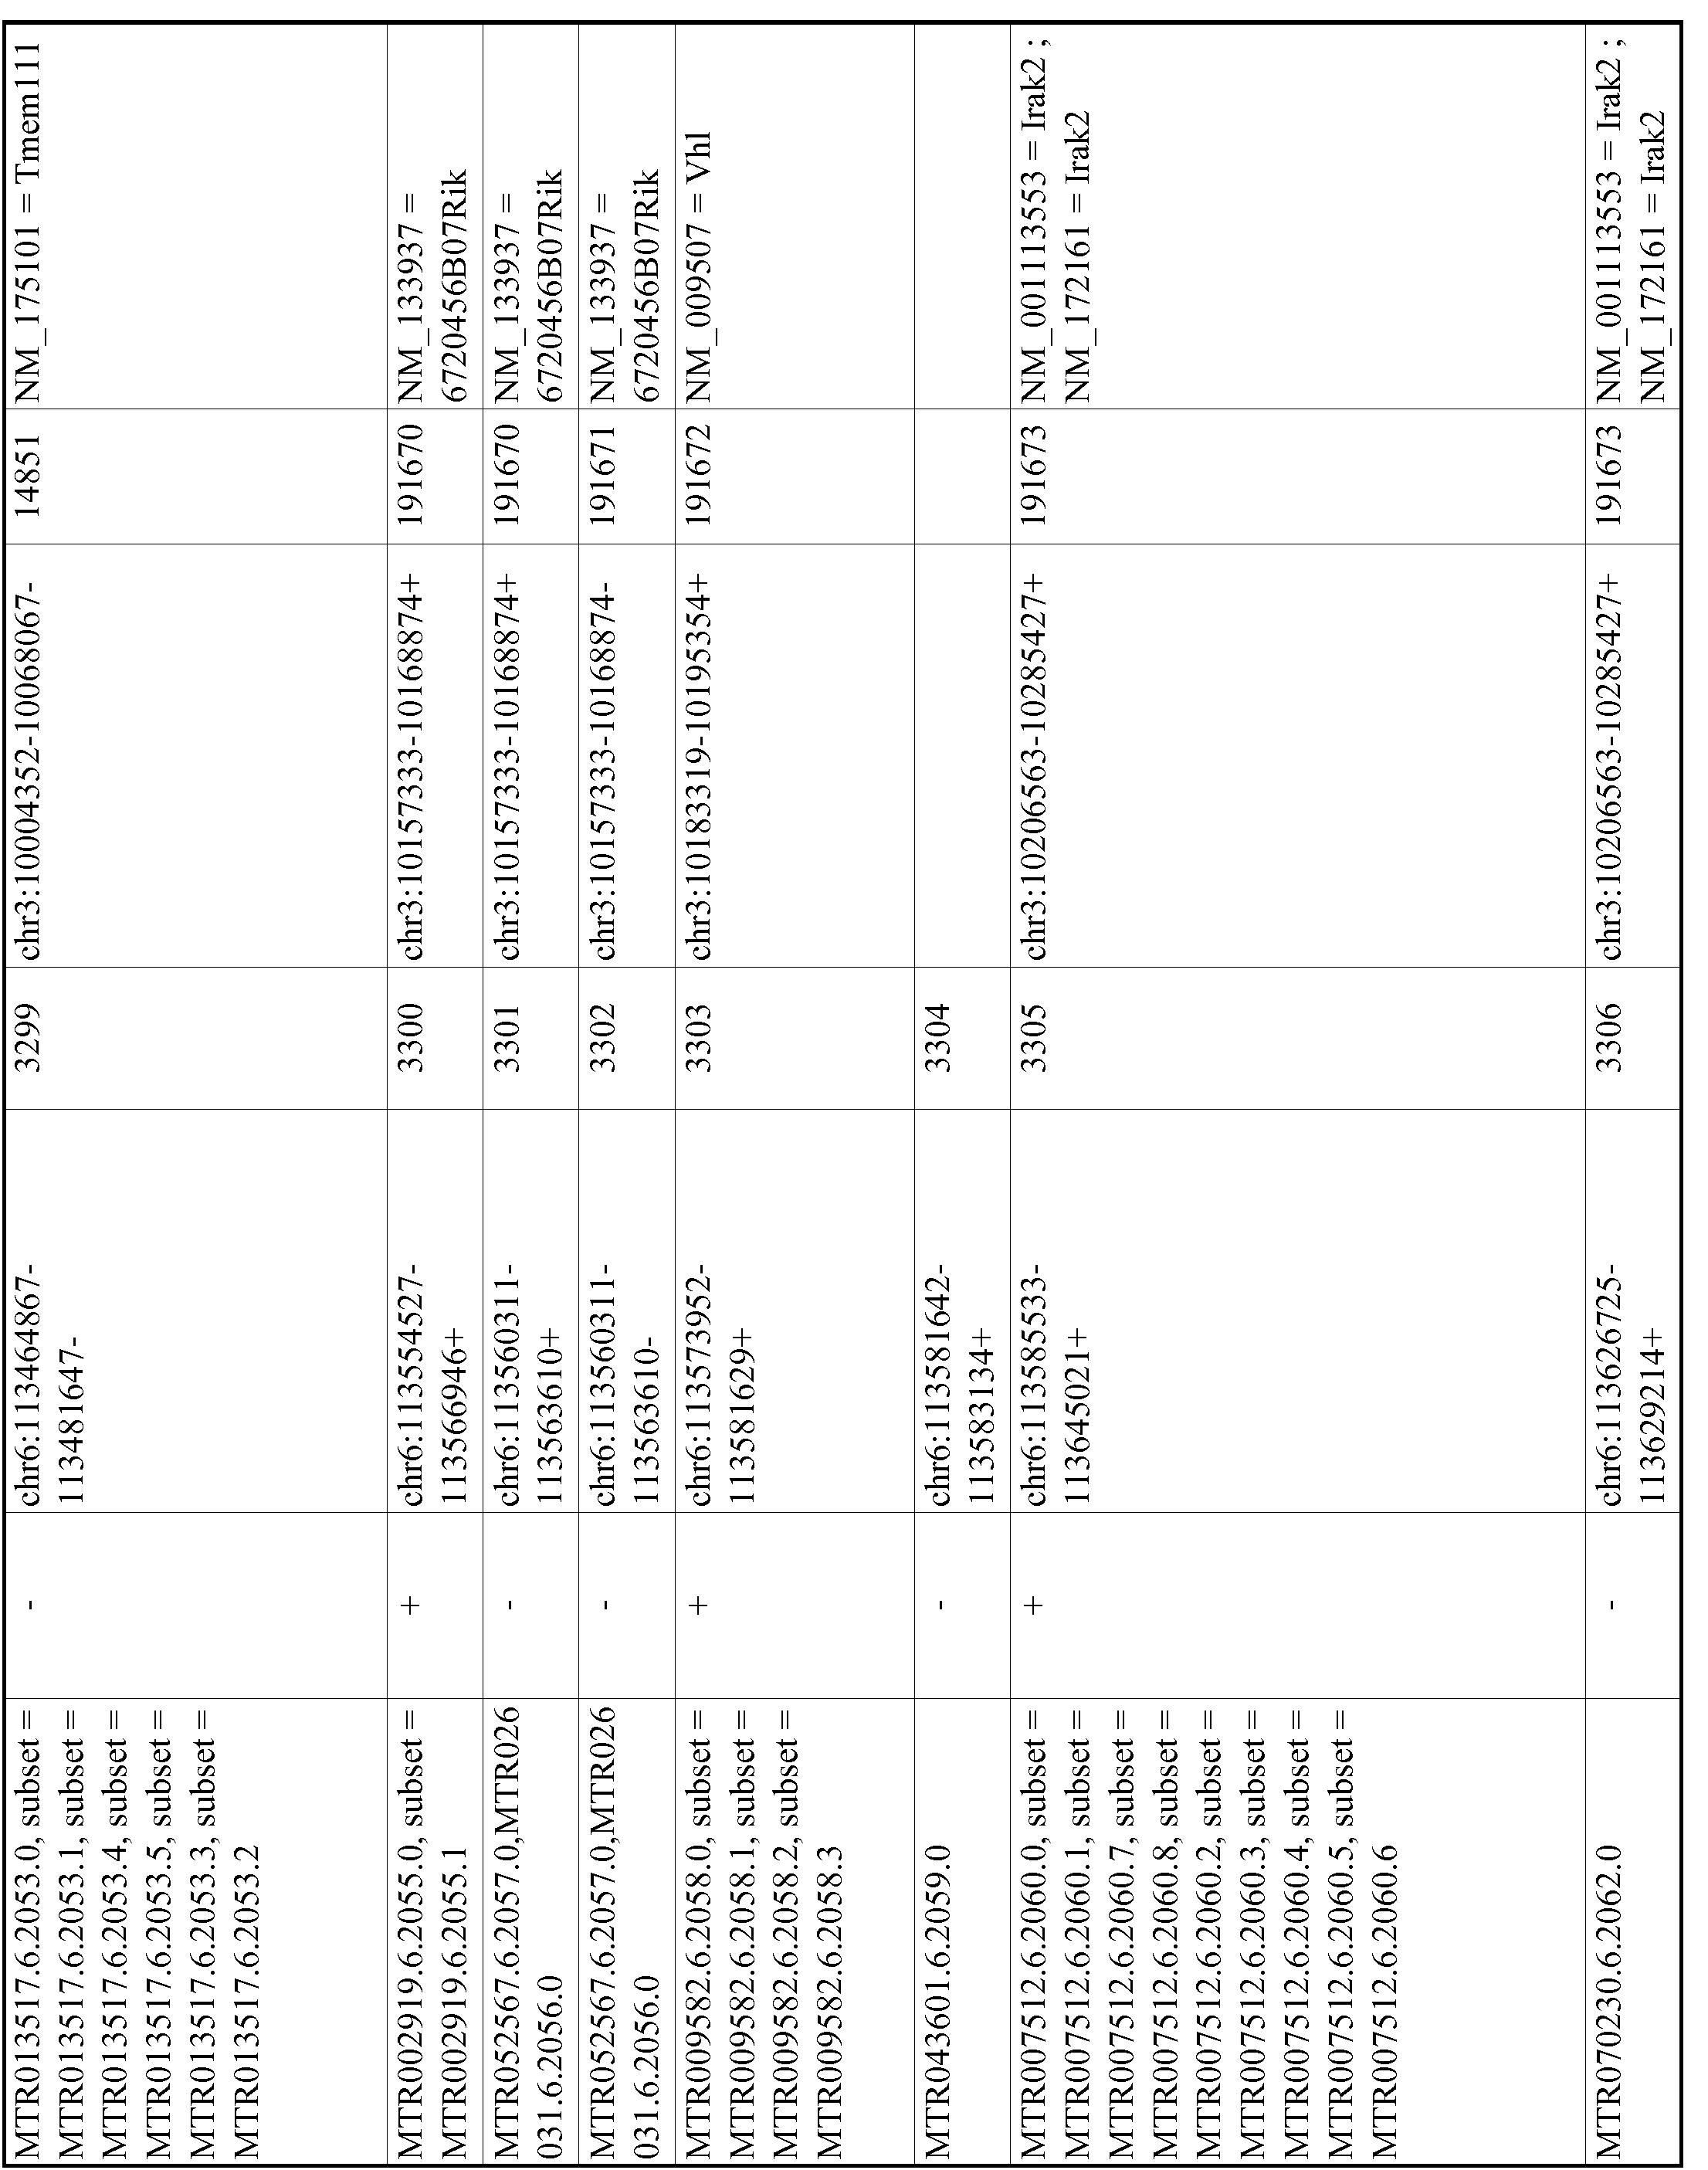 Figure imgf000653_0001